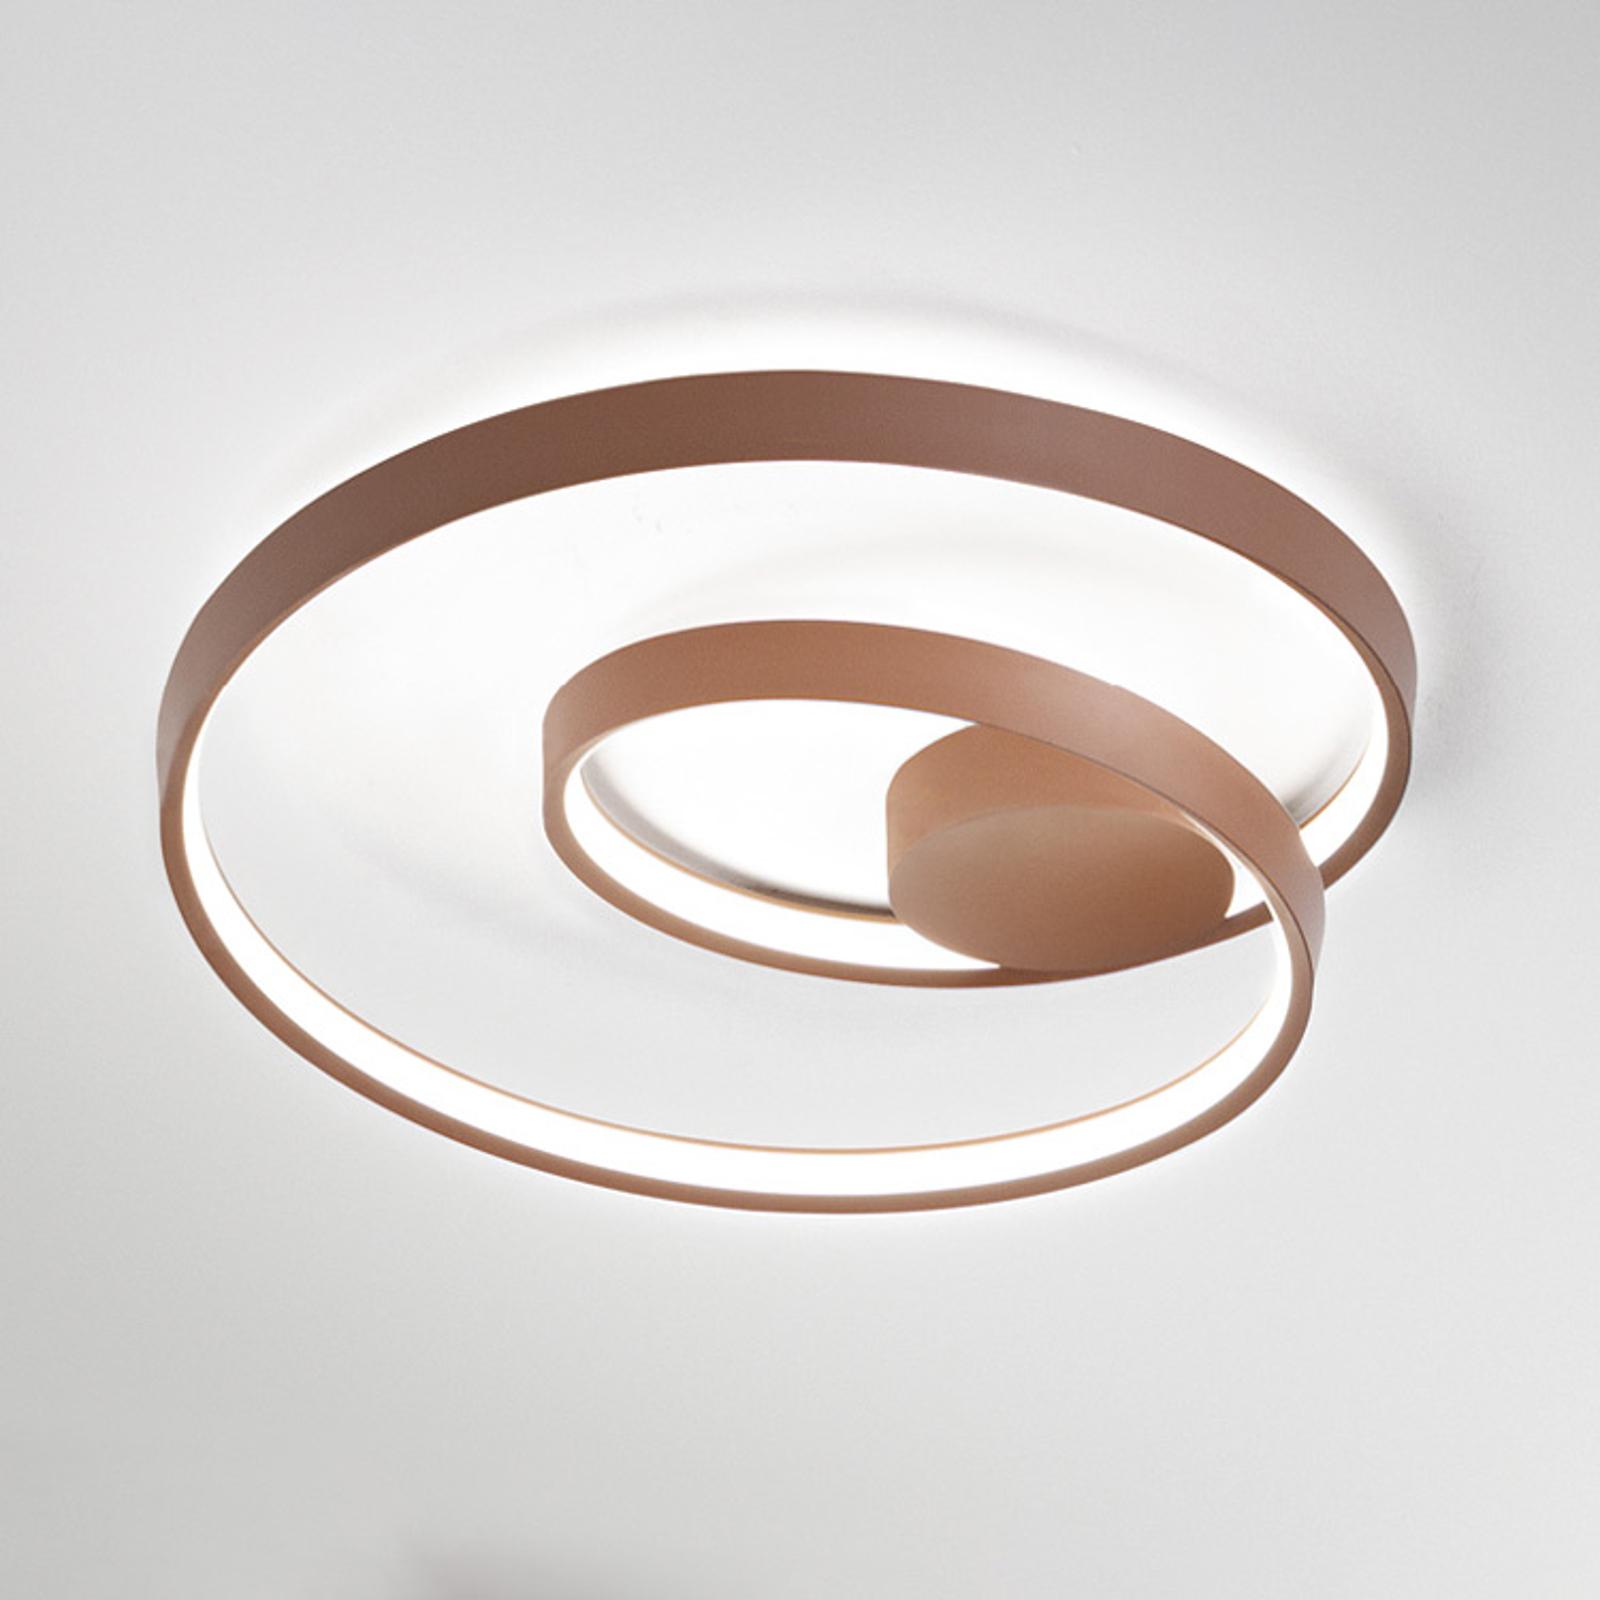 Lampa sufitowa LED Ritmo, Ø 80 cm, cynamon